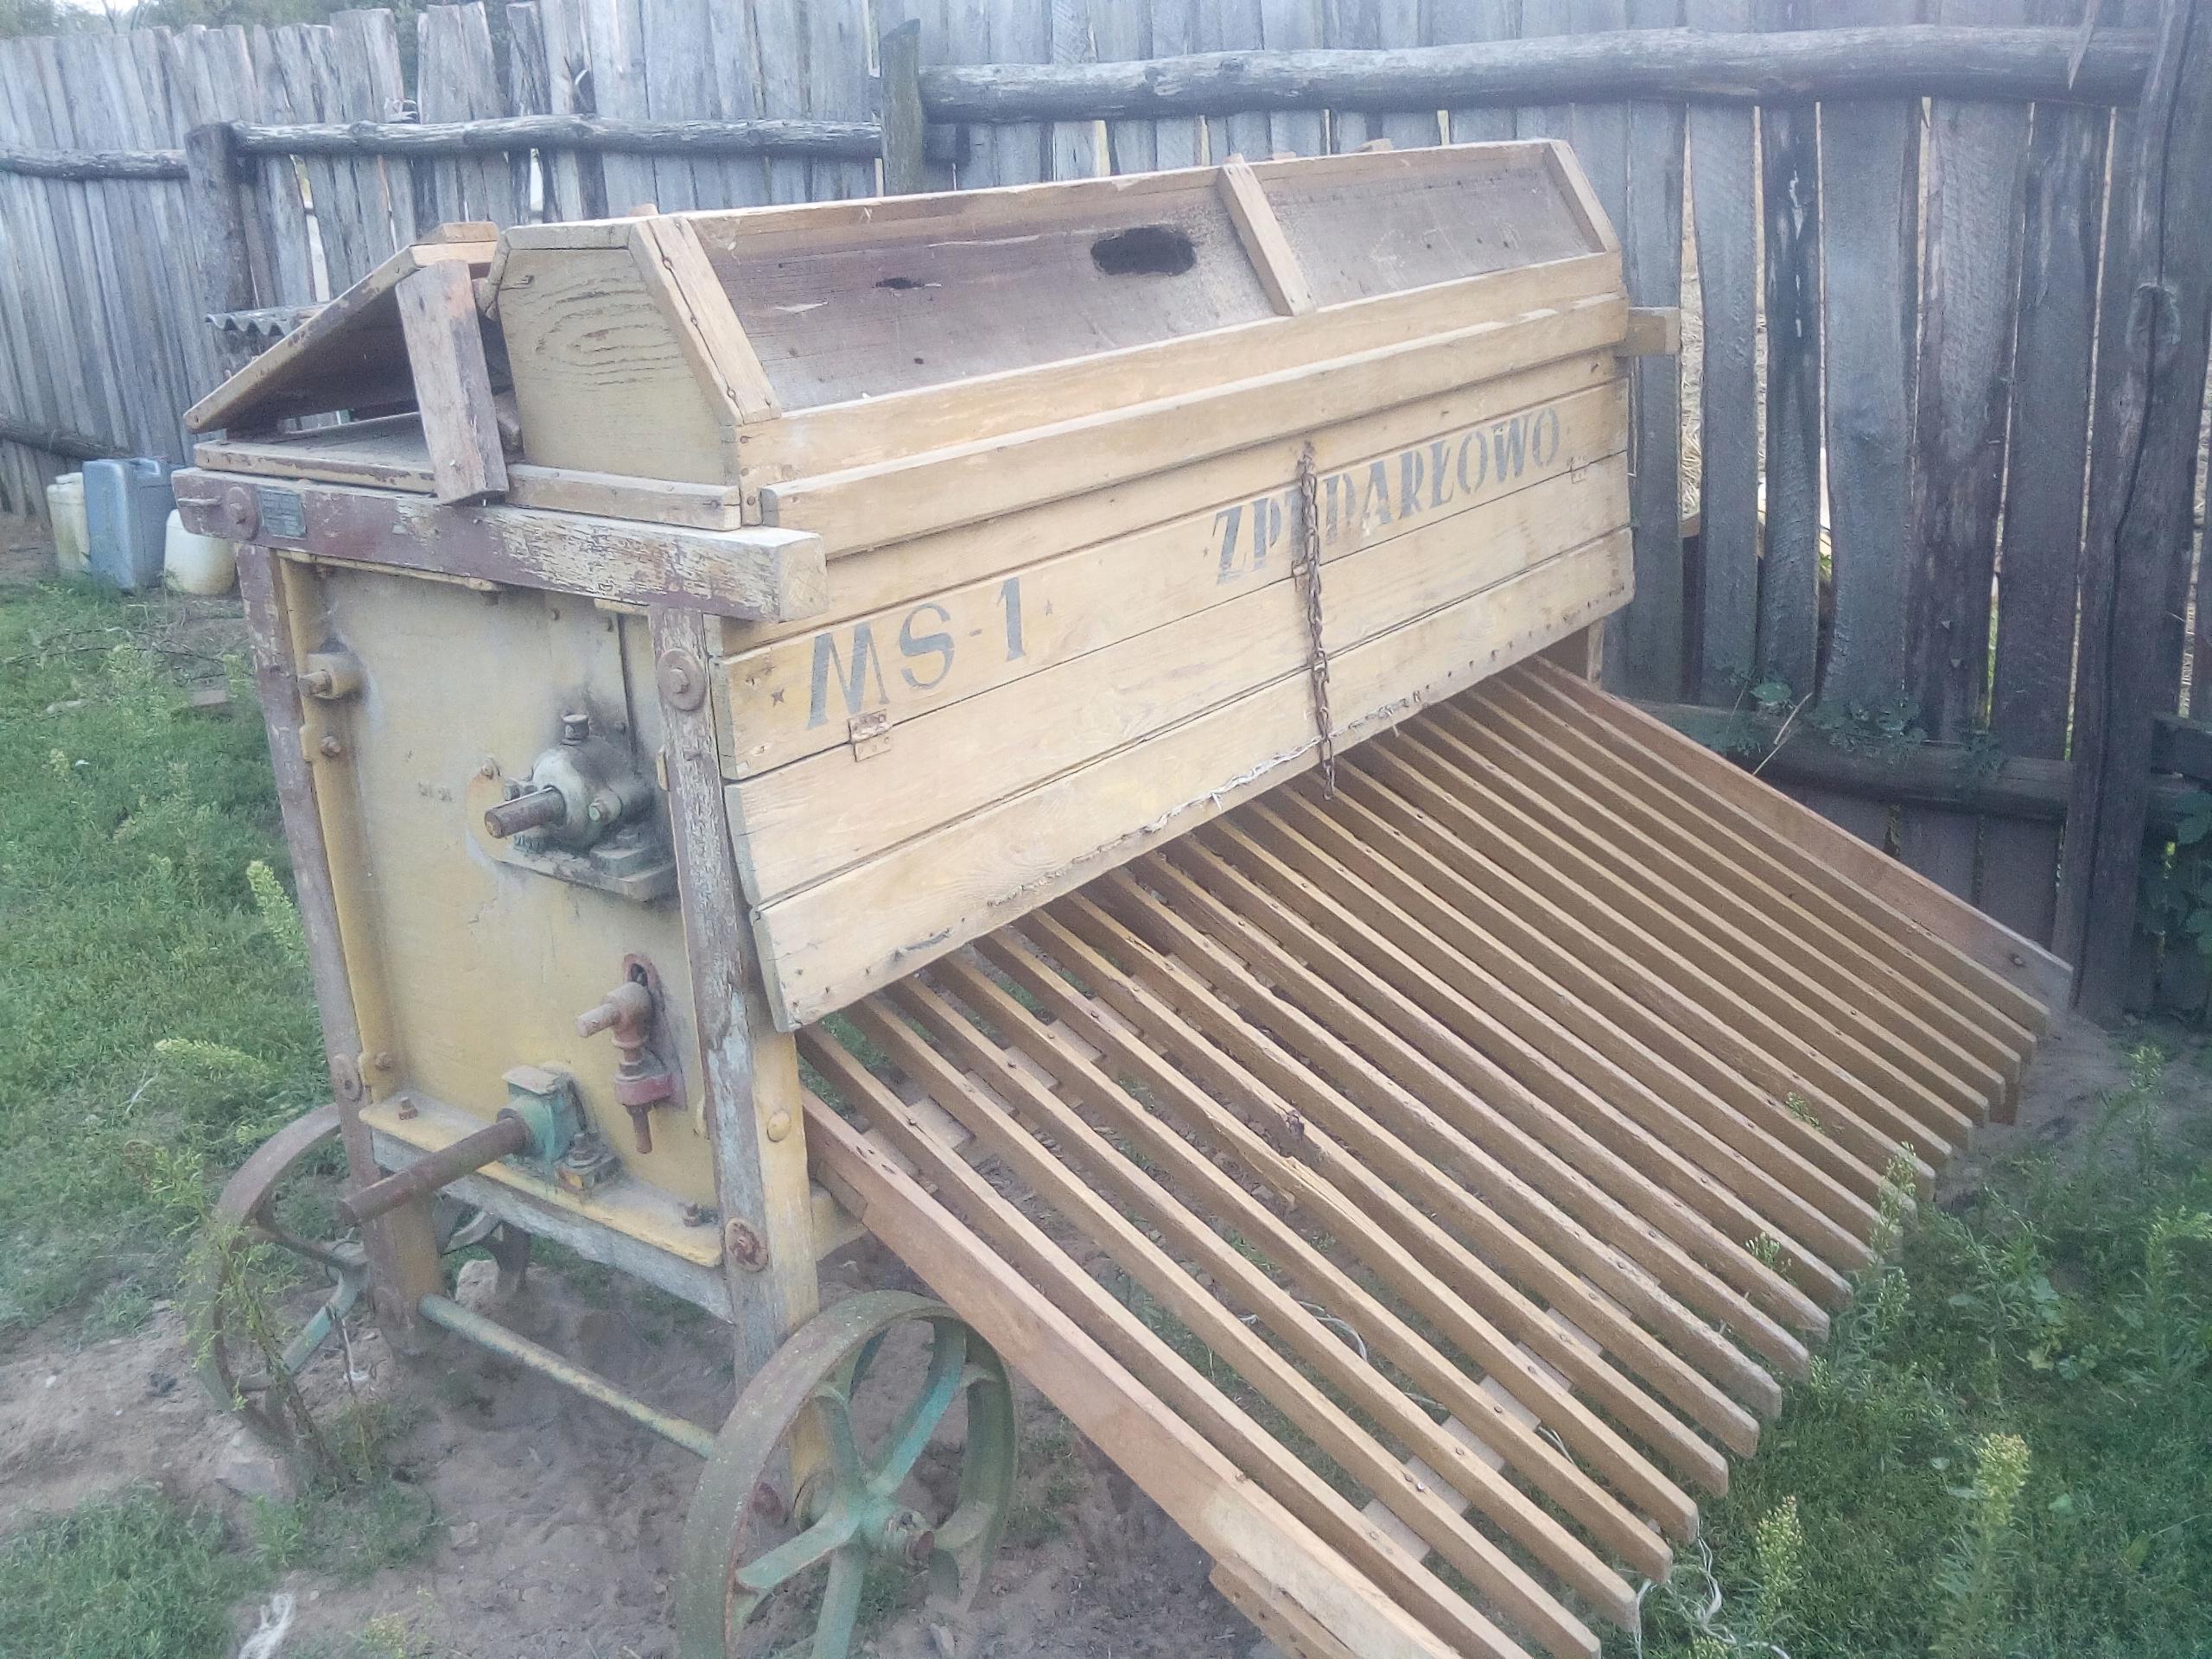 Maszyna MŁOCARNIA MS-1 ZPT DARŁOWO